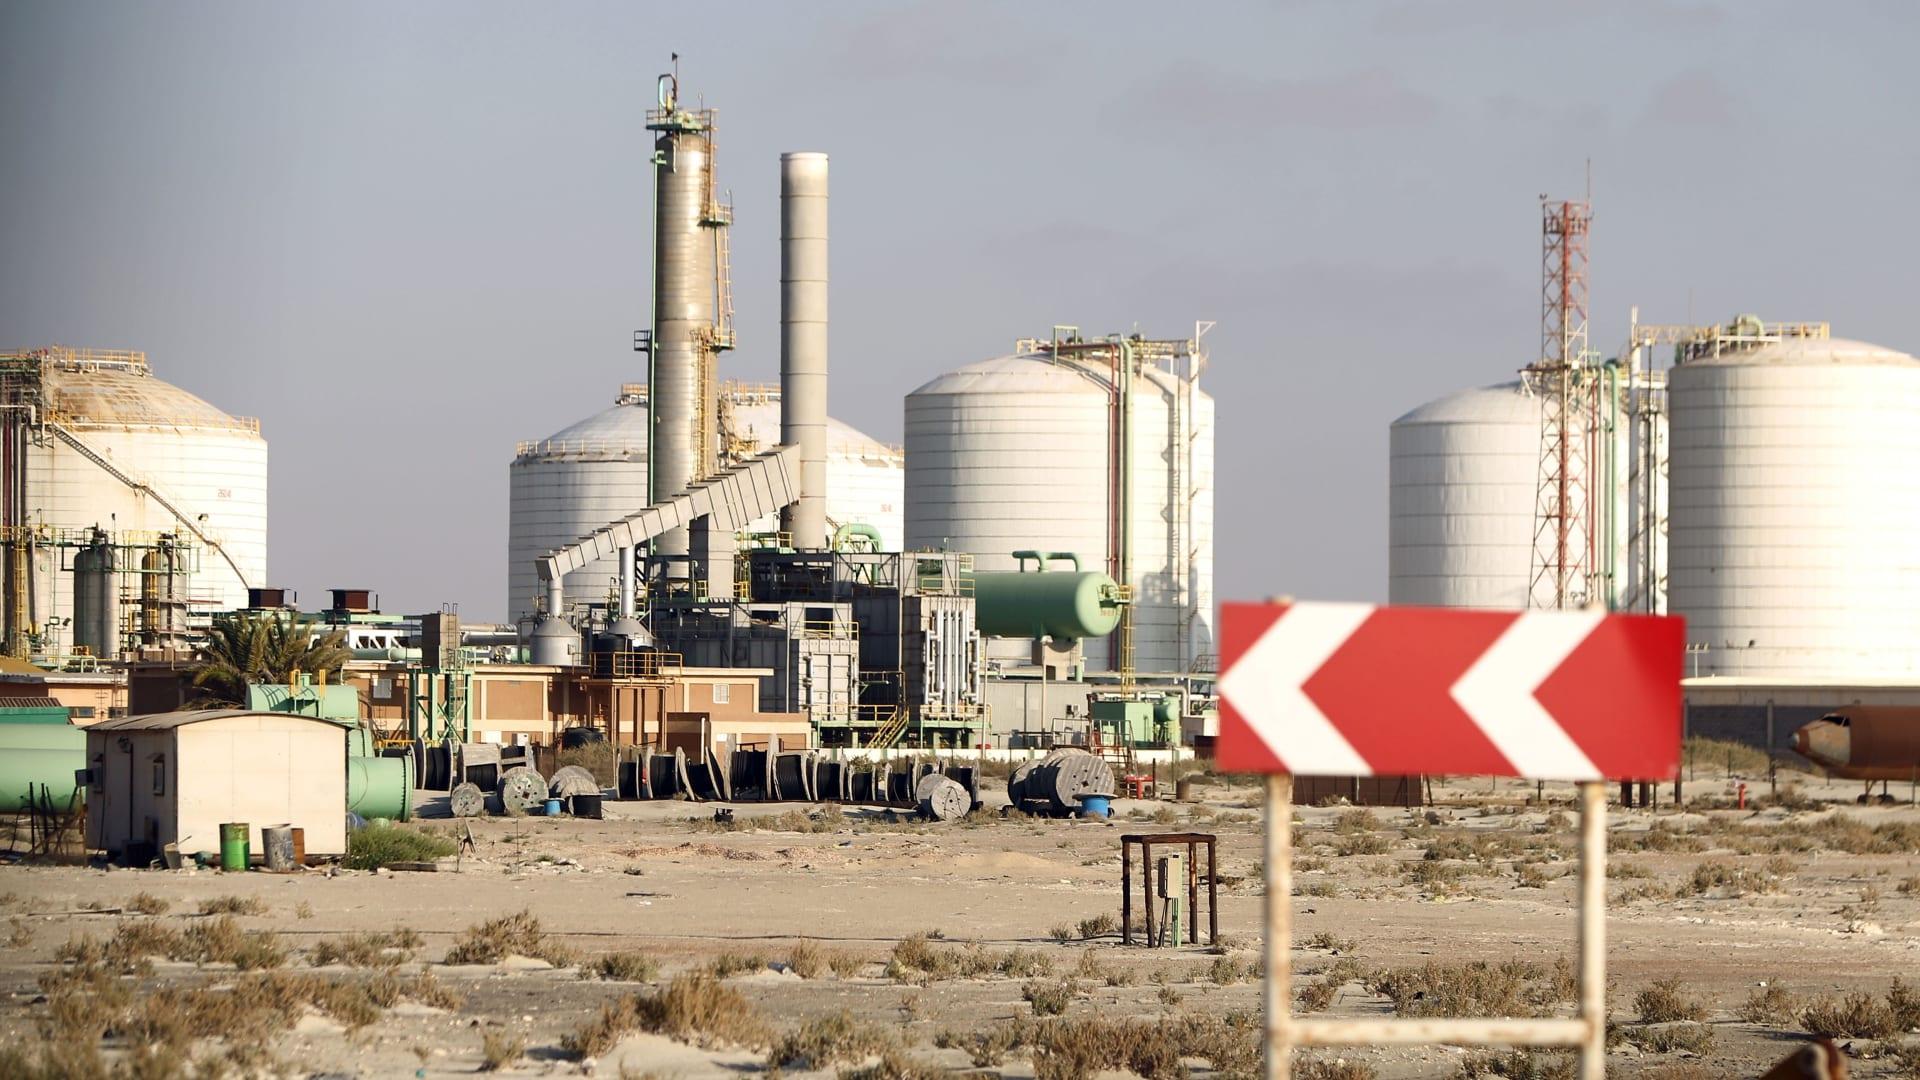 ليبيا.. قوات حفتر تعيد فتح الموانىء والمنشآت النفطية